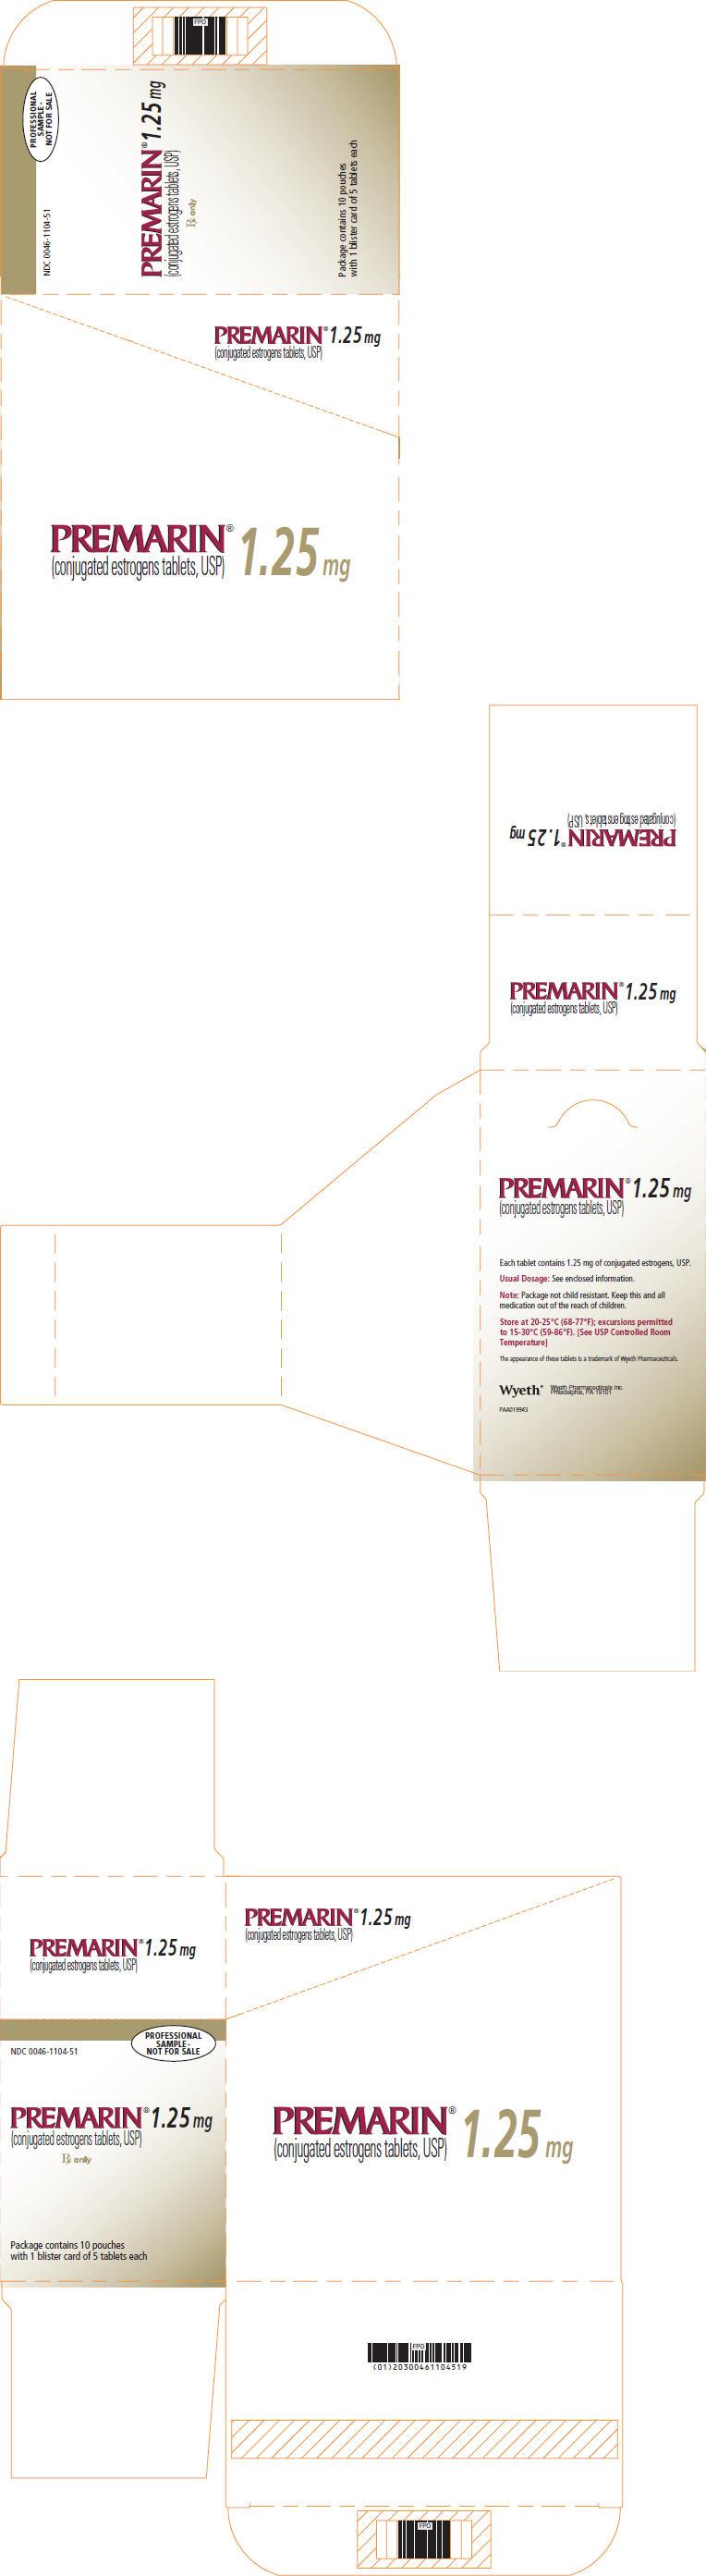 PRINCIPAL DISPLAY PANEL - 1.25 MG - CARTON